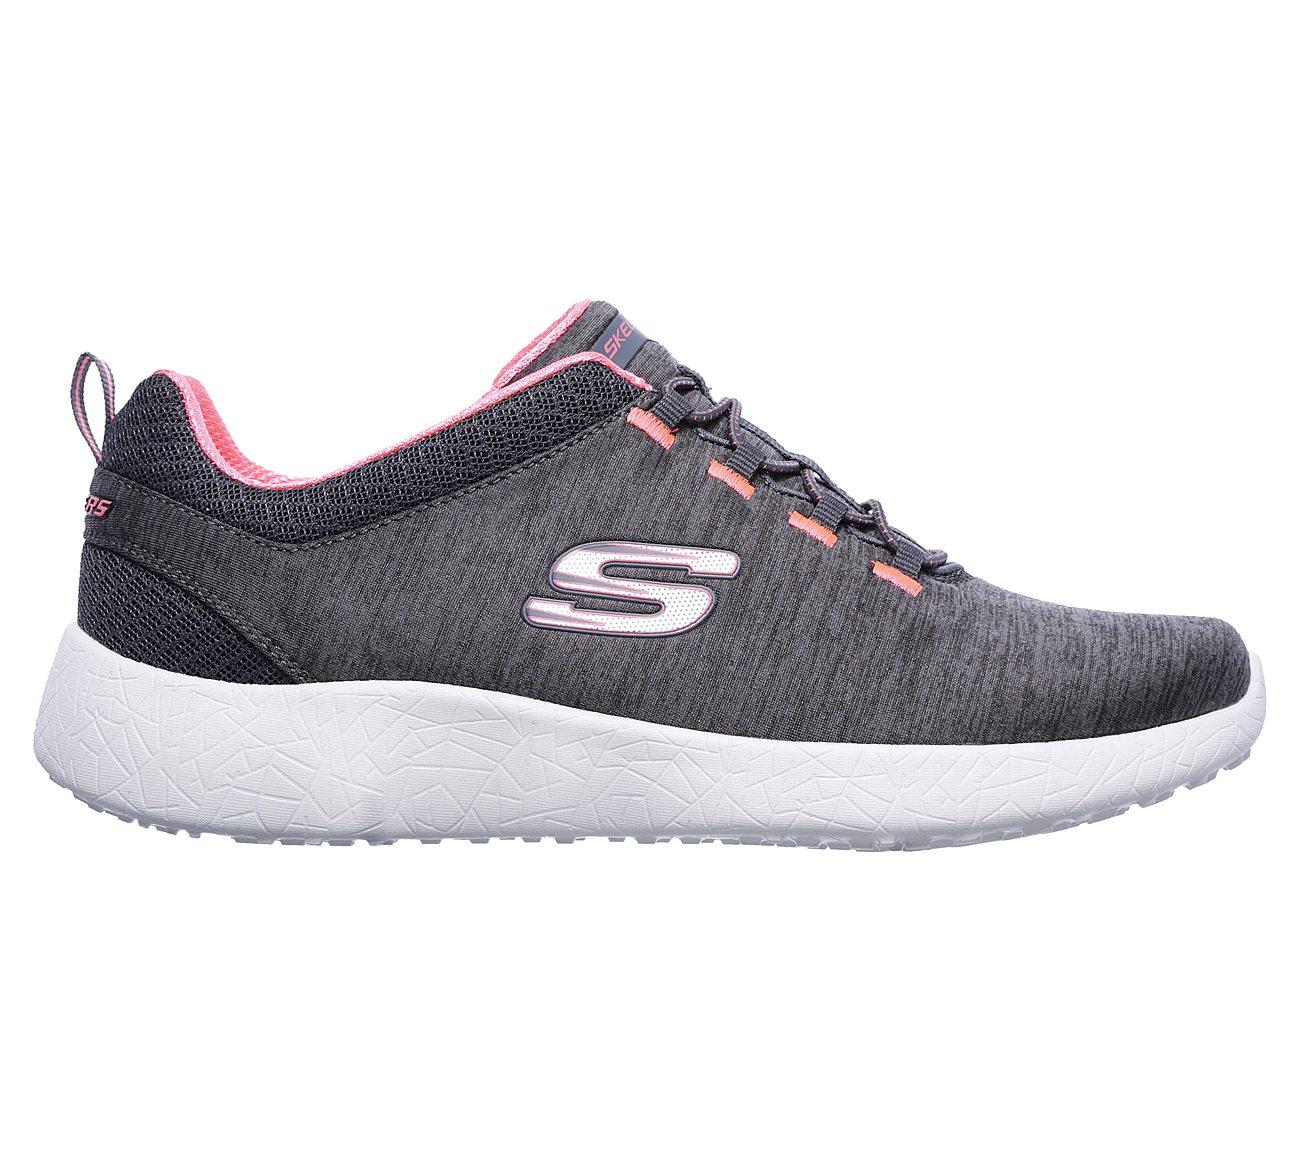 Buy SKECHERS Burst - Equinox Sport Shoes